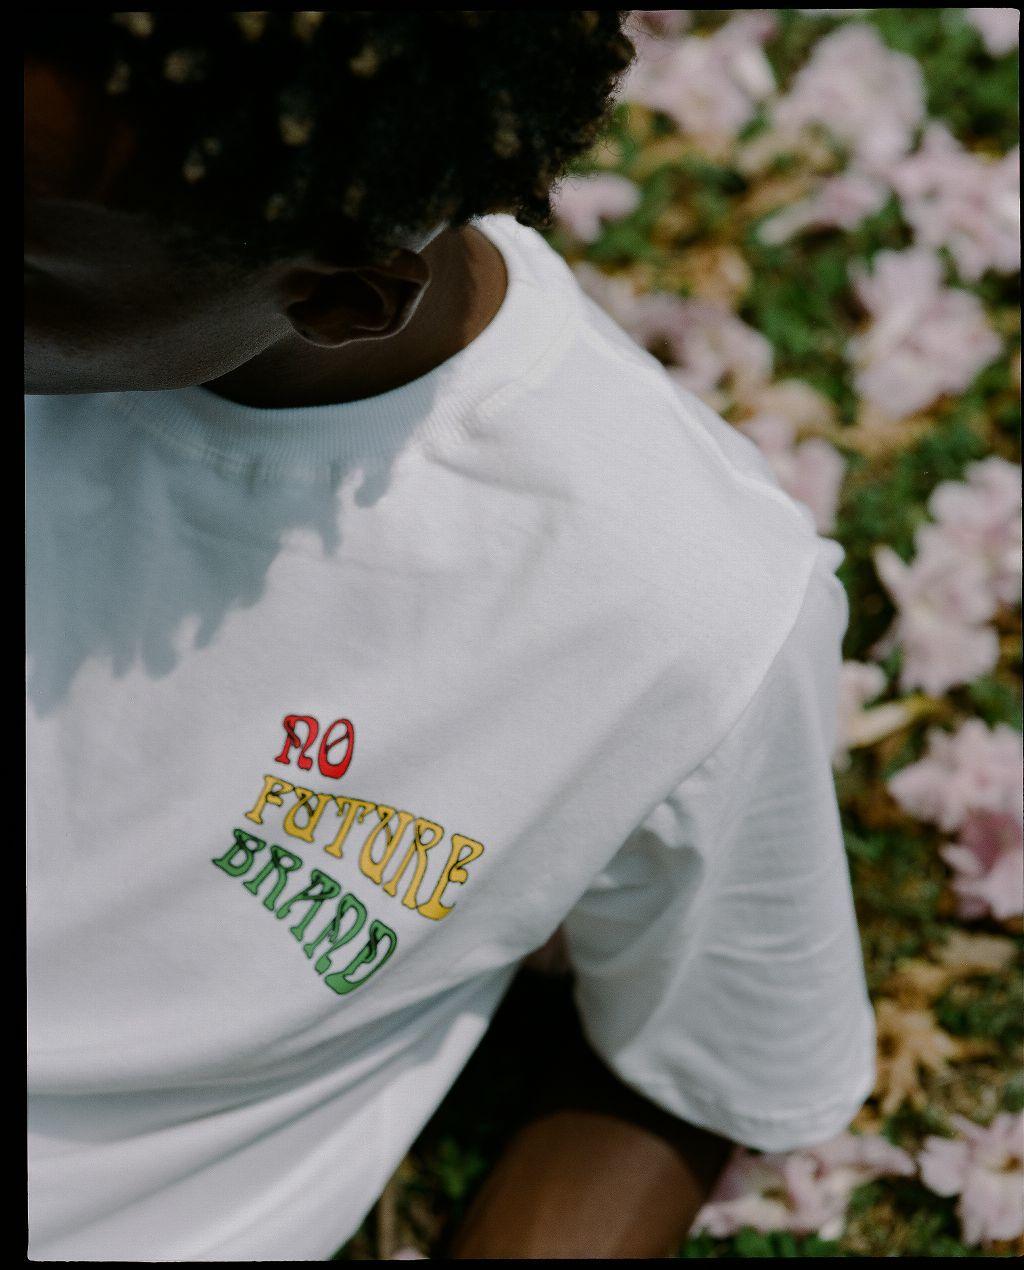 Camiseta No Future Reggae Branca